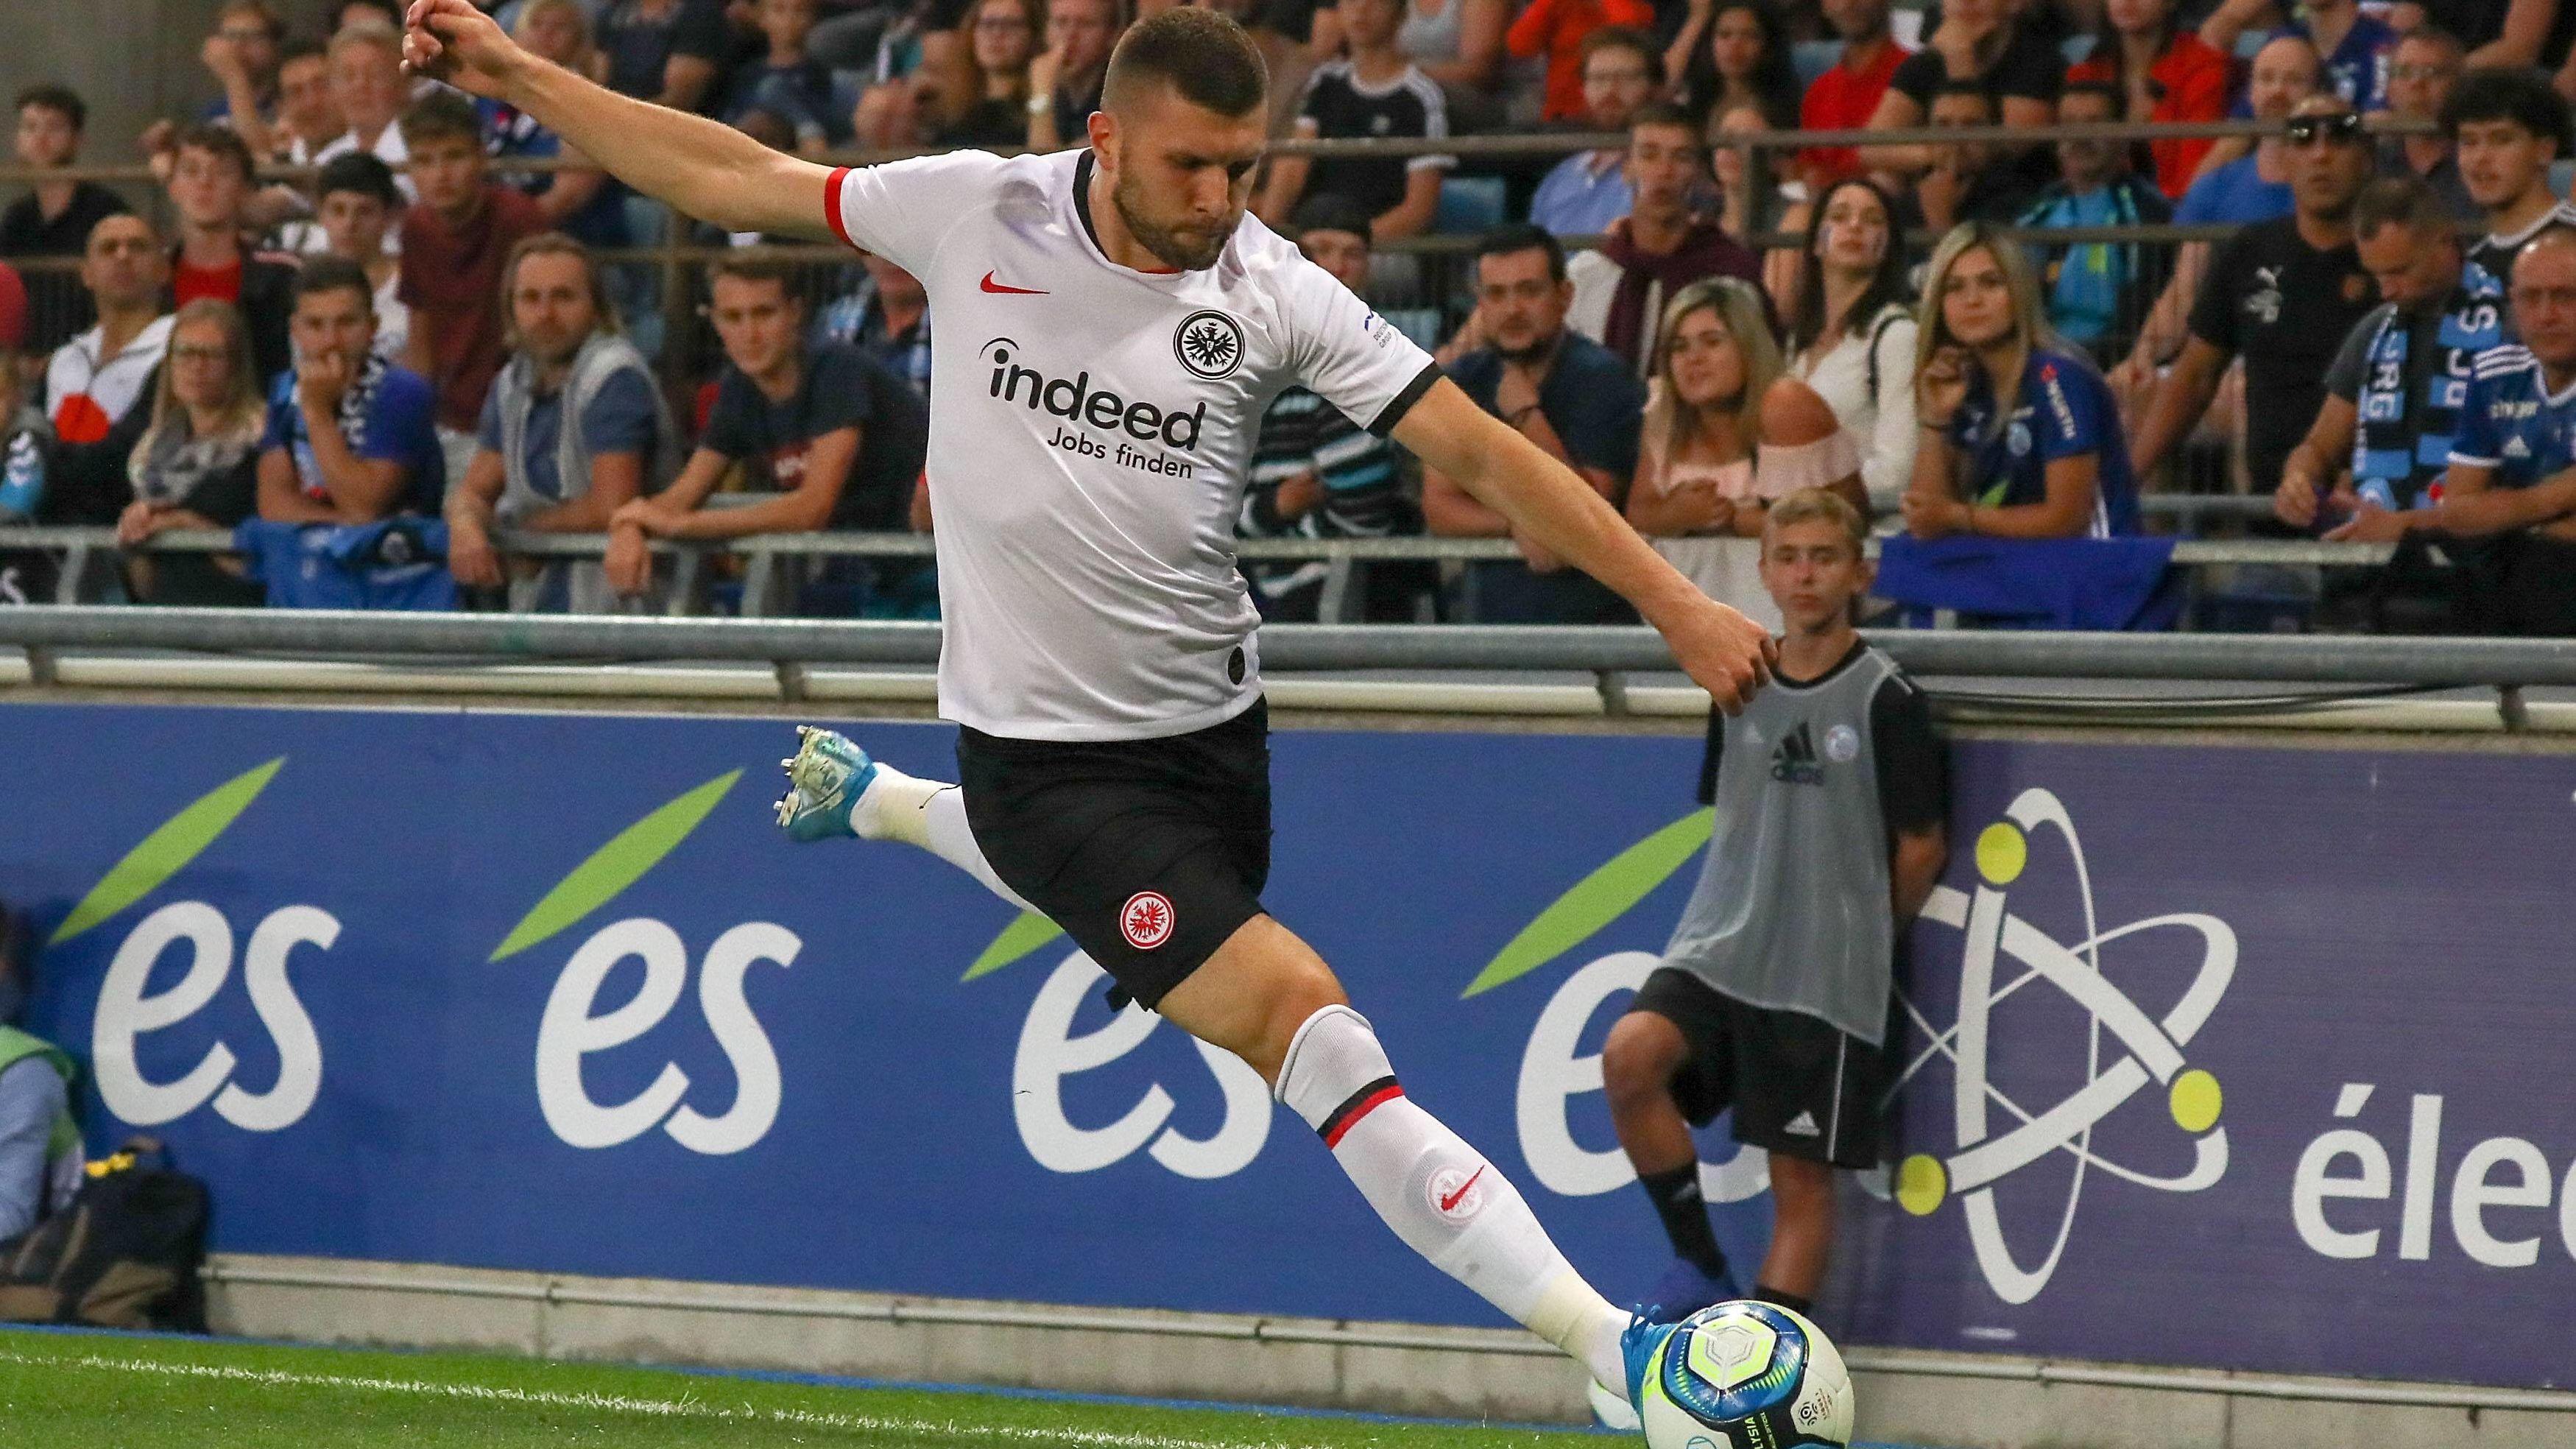 Rebic spielt sich bei Eintracht Frankfurt ins Abseits und erntet harsche Kritik - kicker